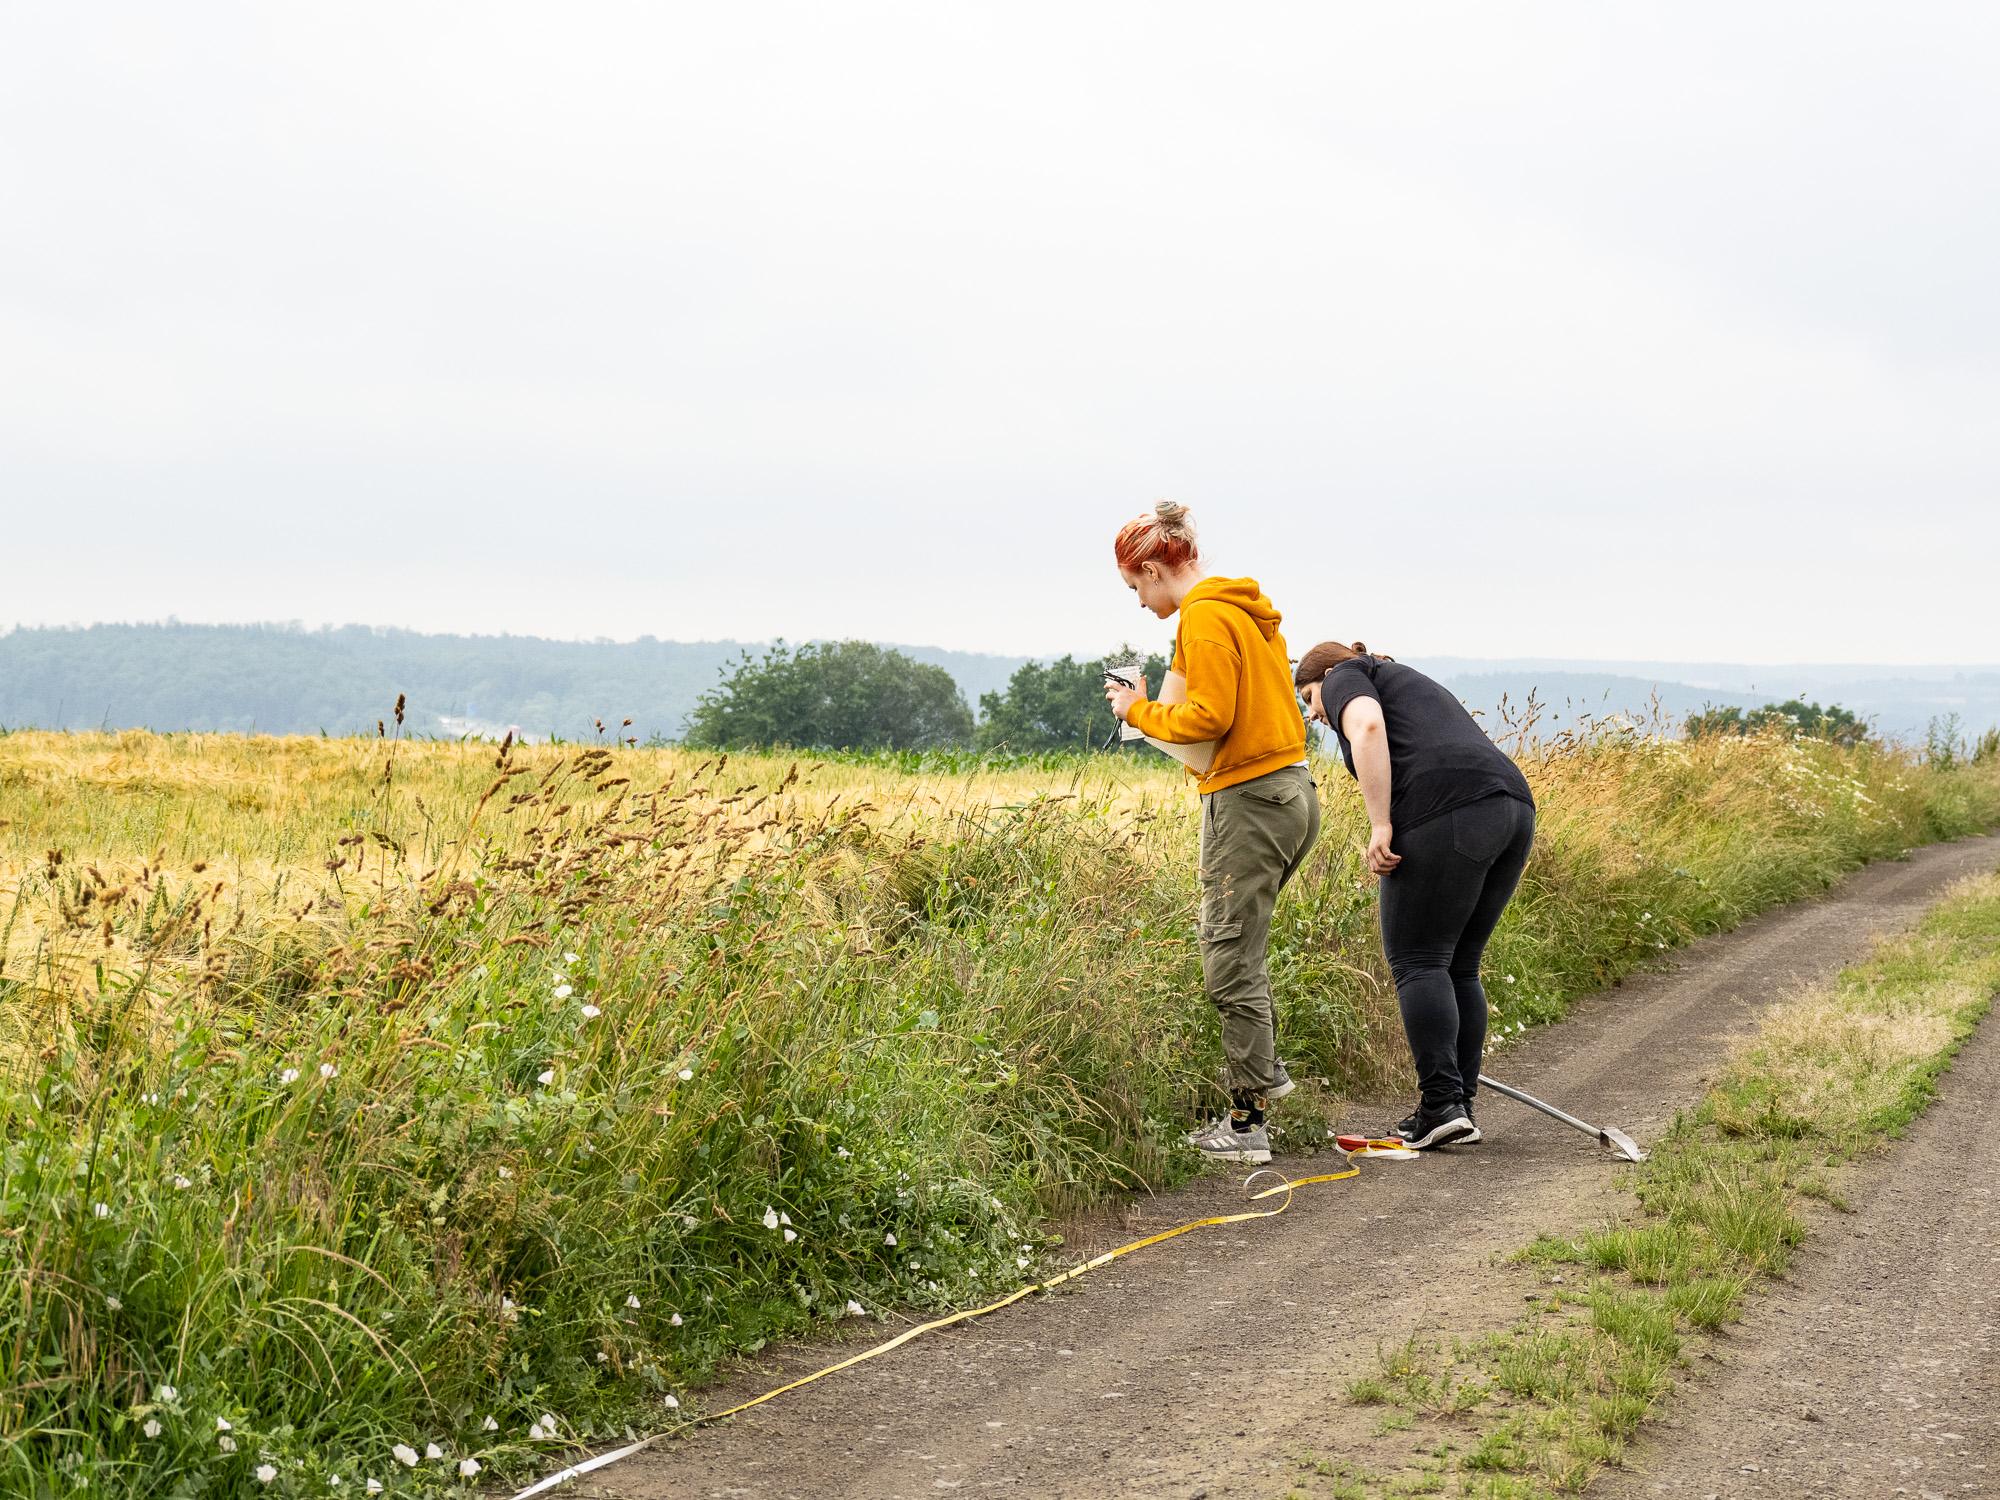 Untersuchung an einem Feldweg